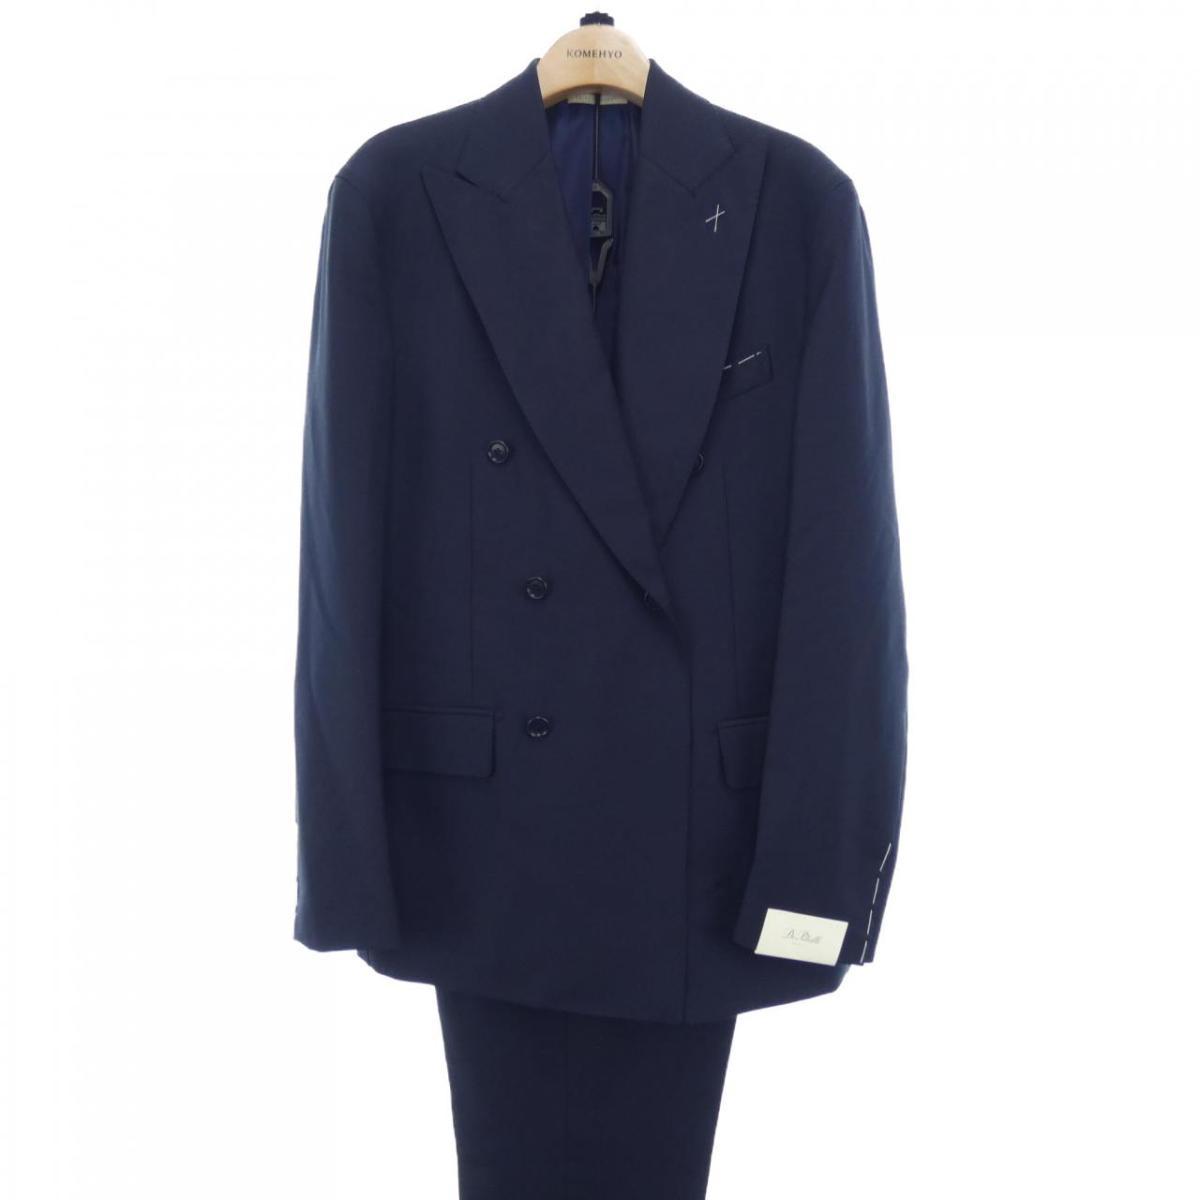 デペトリロ DE PETRILLO スーツ【中古】